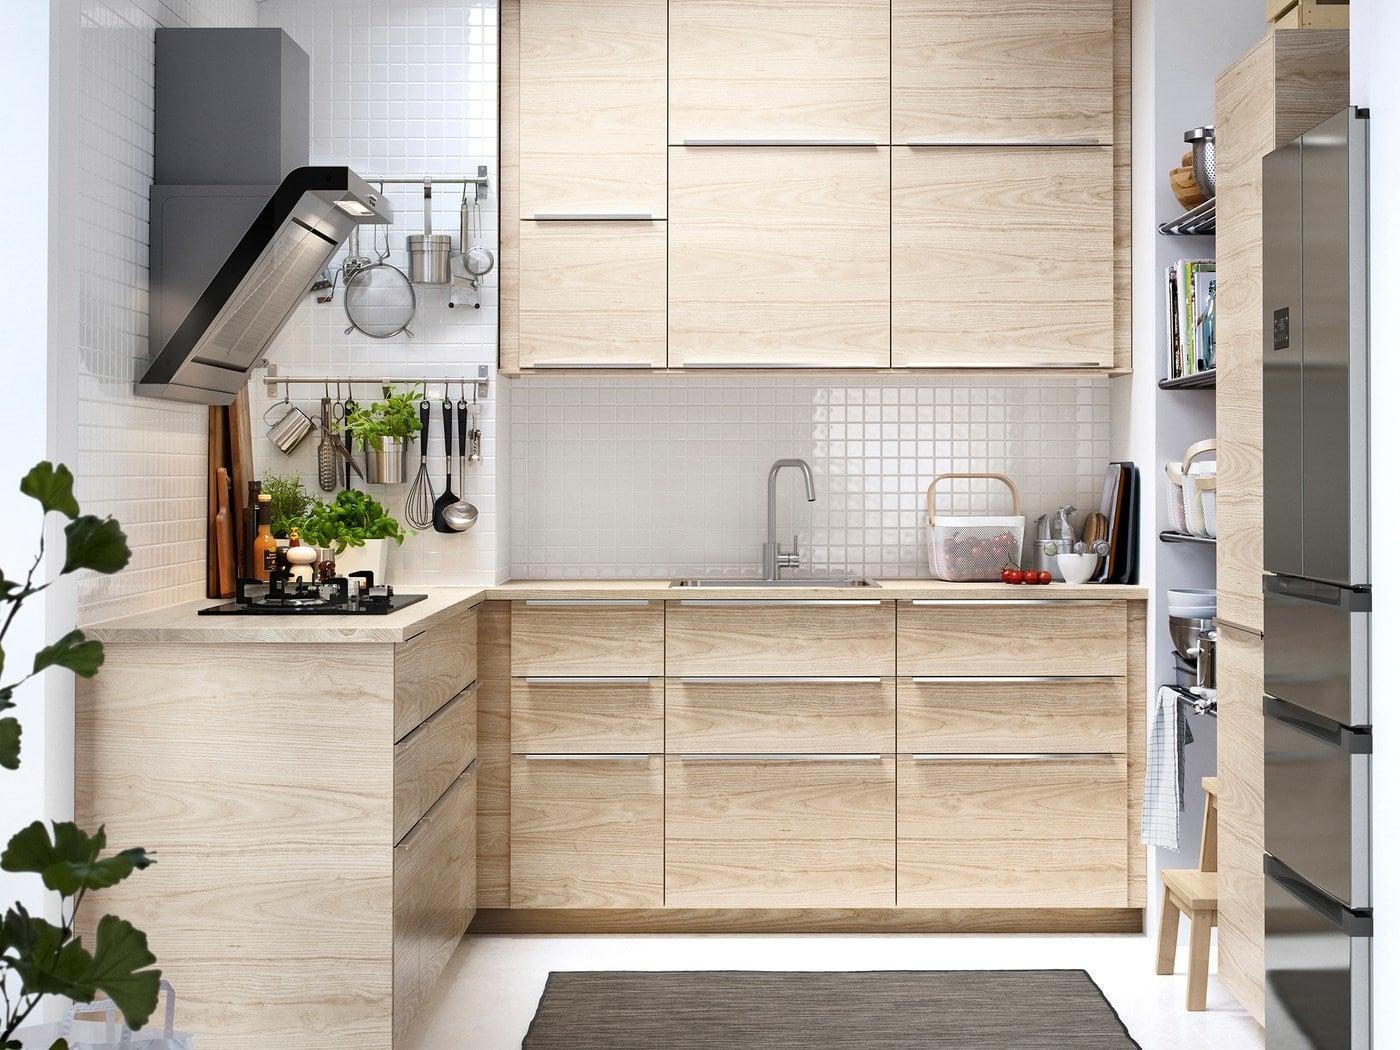 Herramientas Herramientas De Planificación Ikea De 0wOPk8Xn